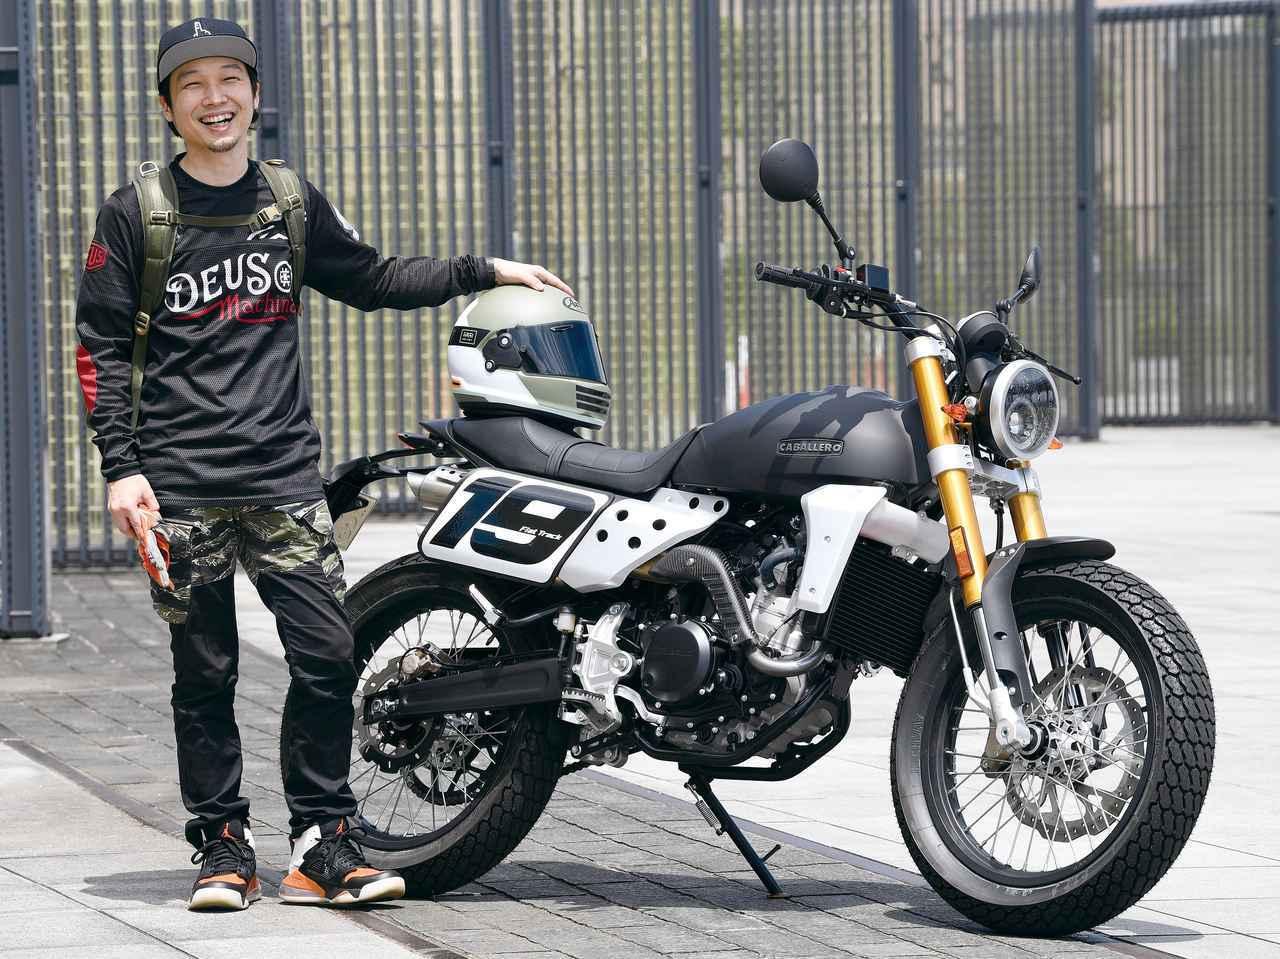 画像1: 加藤ノブキが選ぶ2021年のナンバーワン・バイク【ジャパン・バイク・オブ・ザ・イヤー 2021 直前企画】